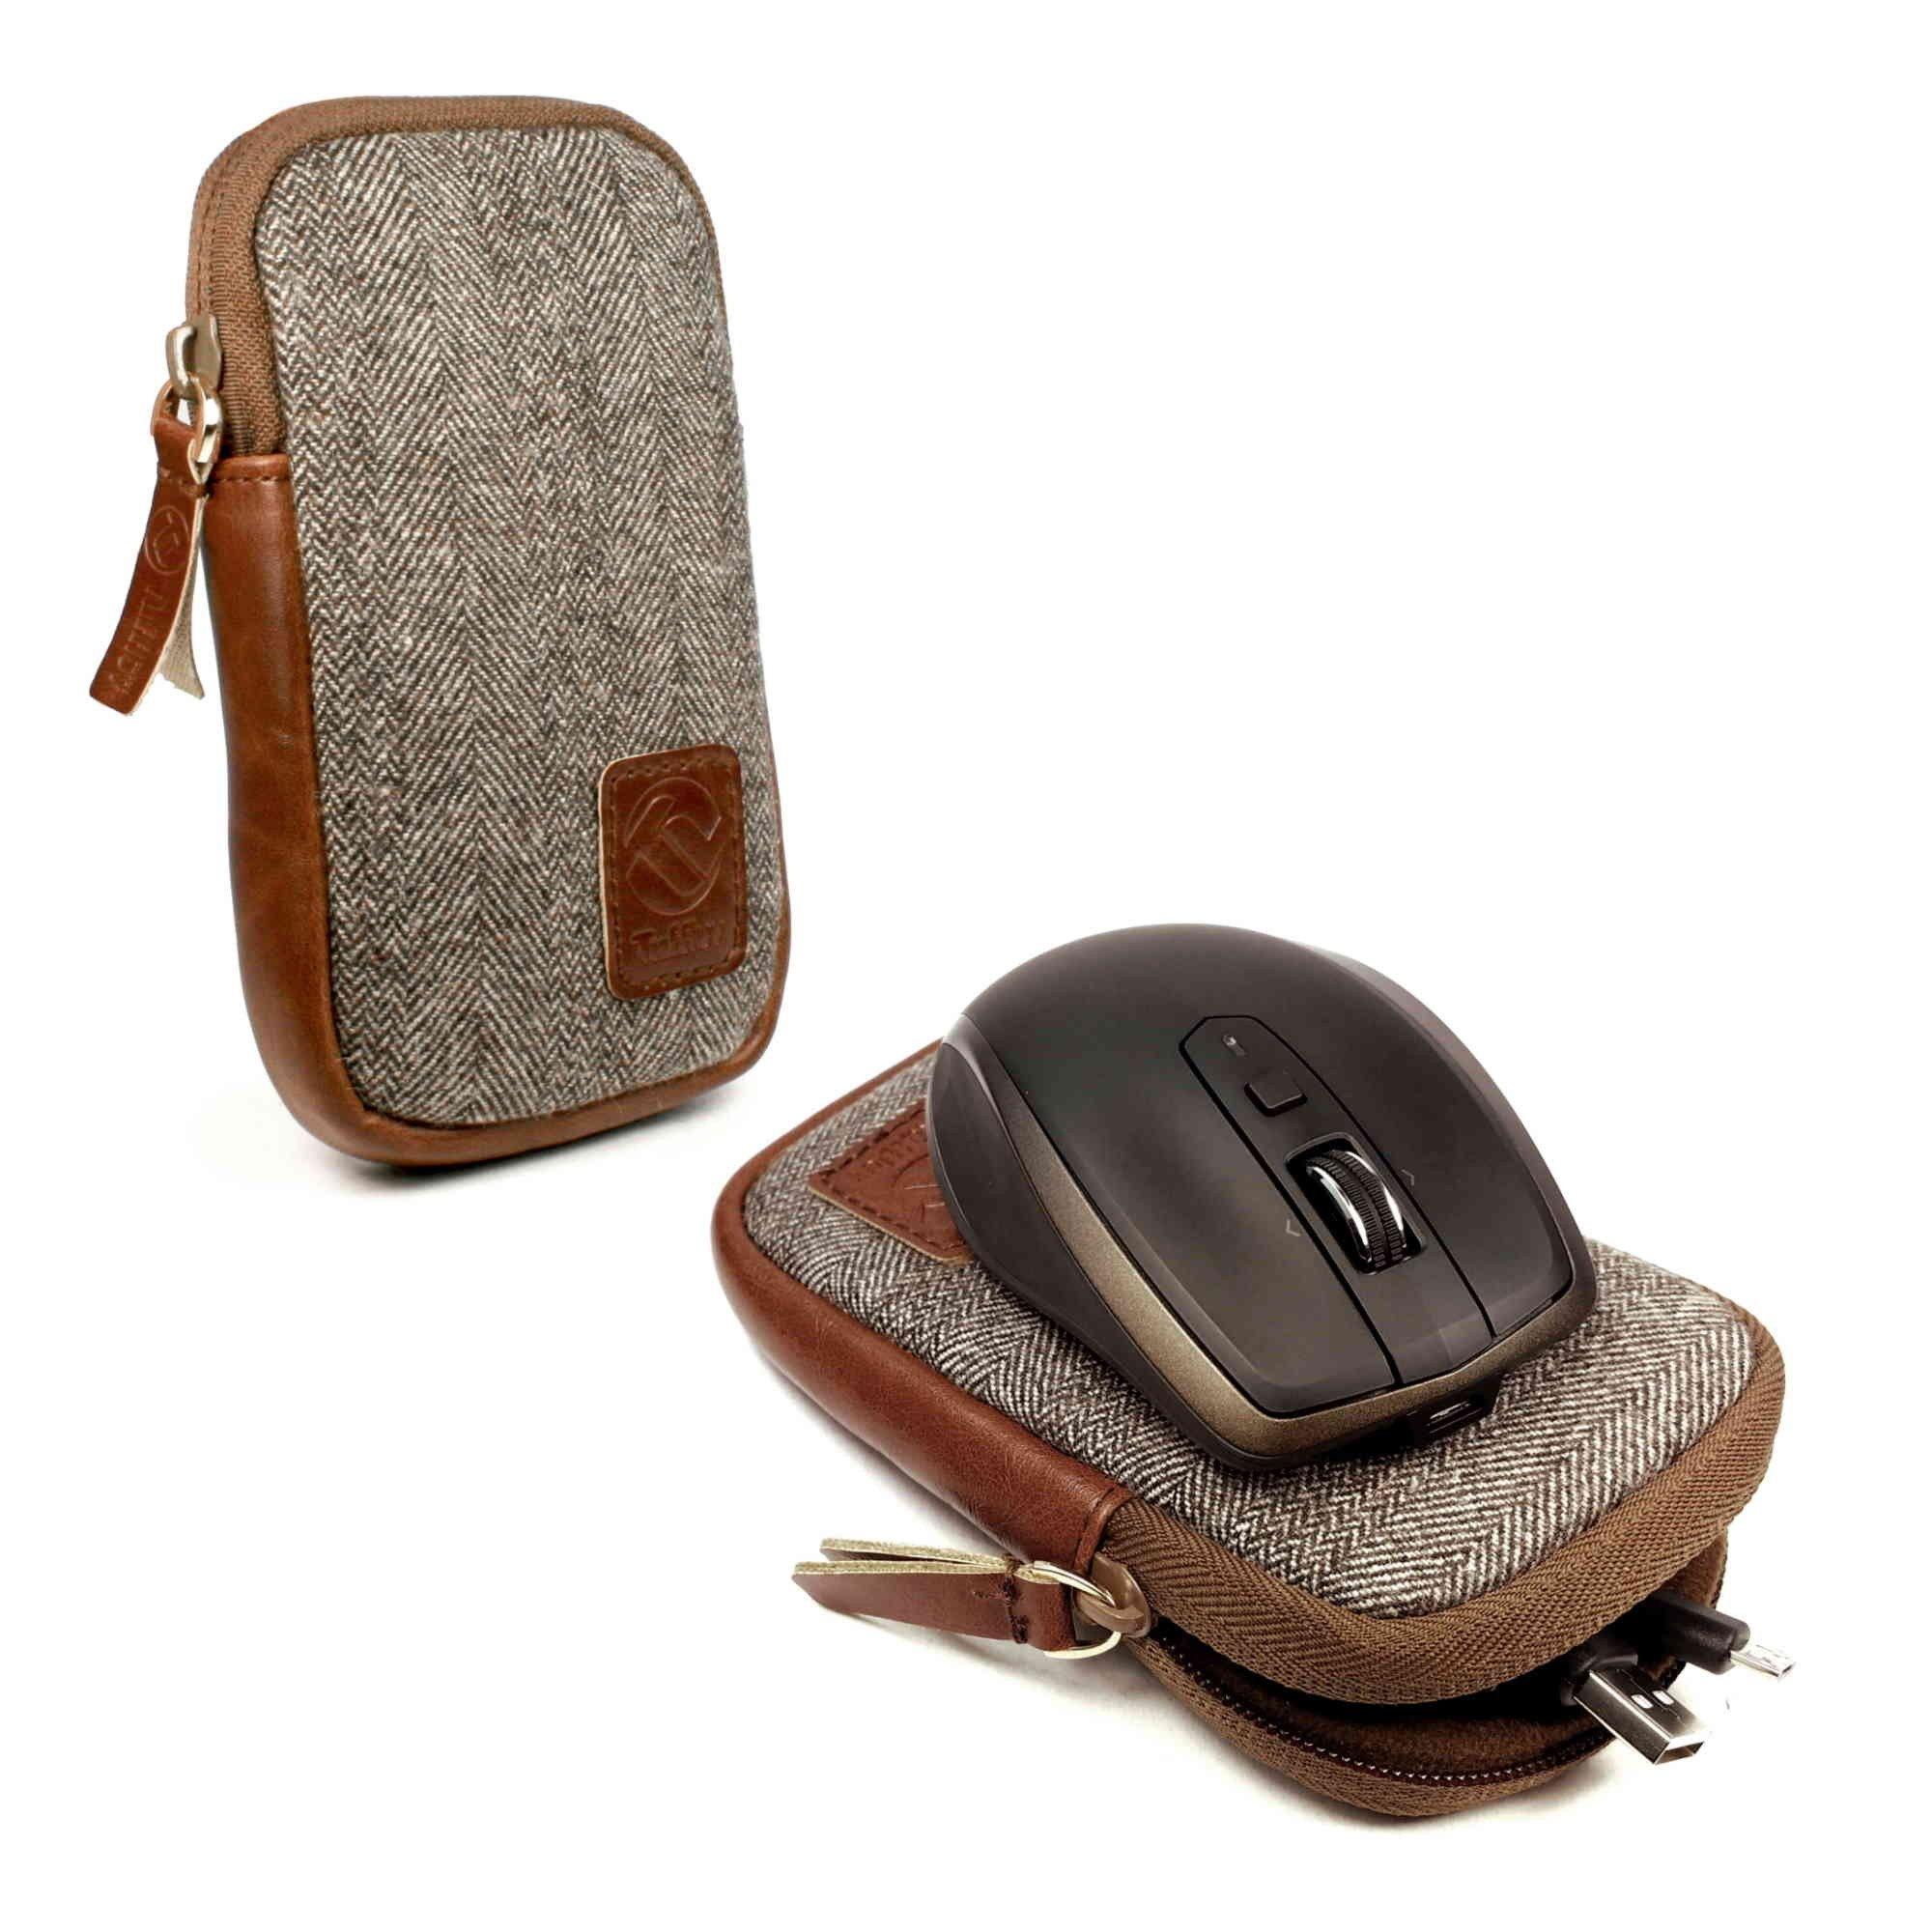 Tuff-Luv J6_23_5055261863852 Mouse Portafoglio Marrone, Grigio mobile device cases